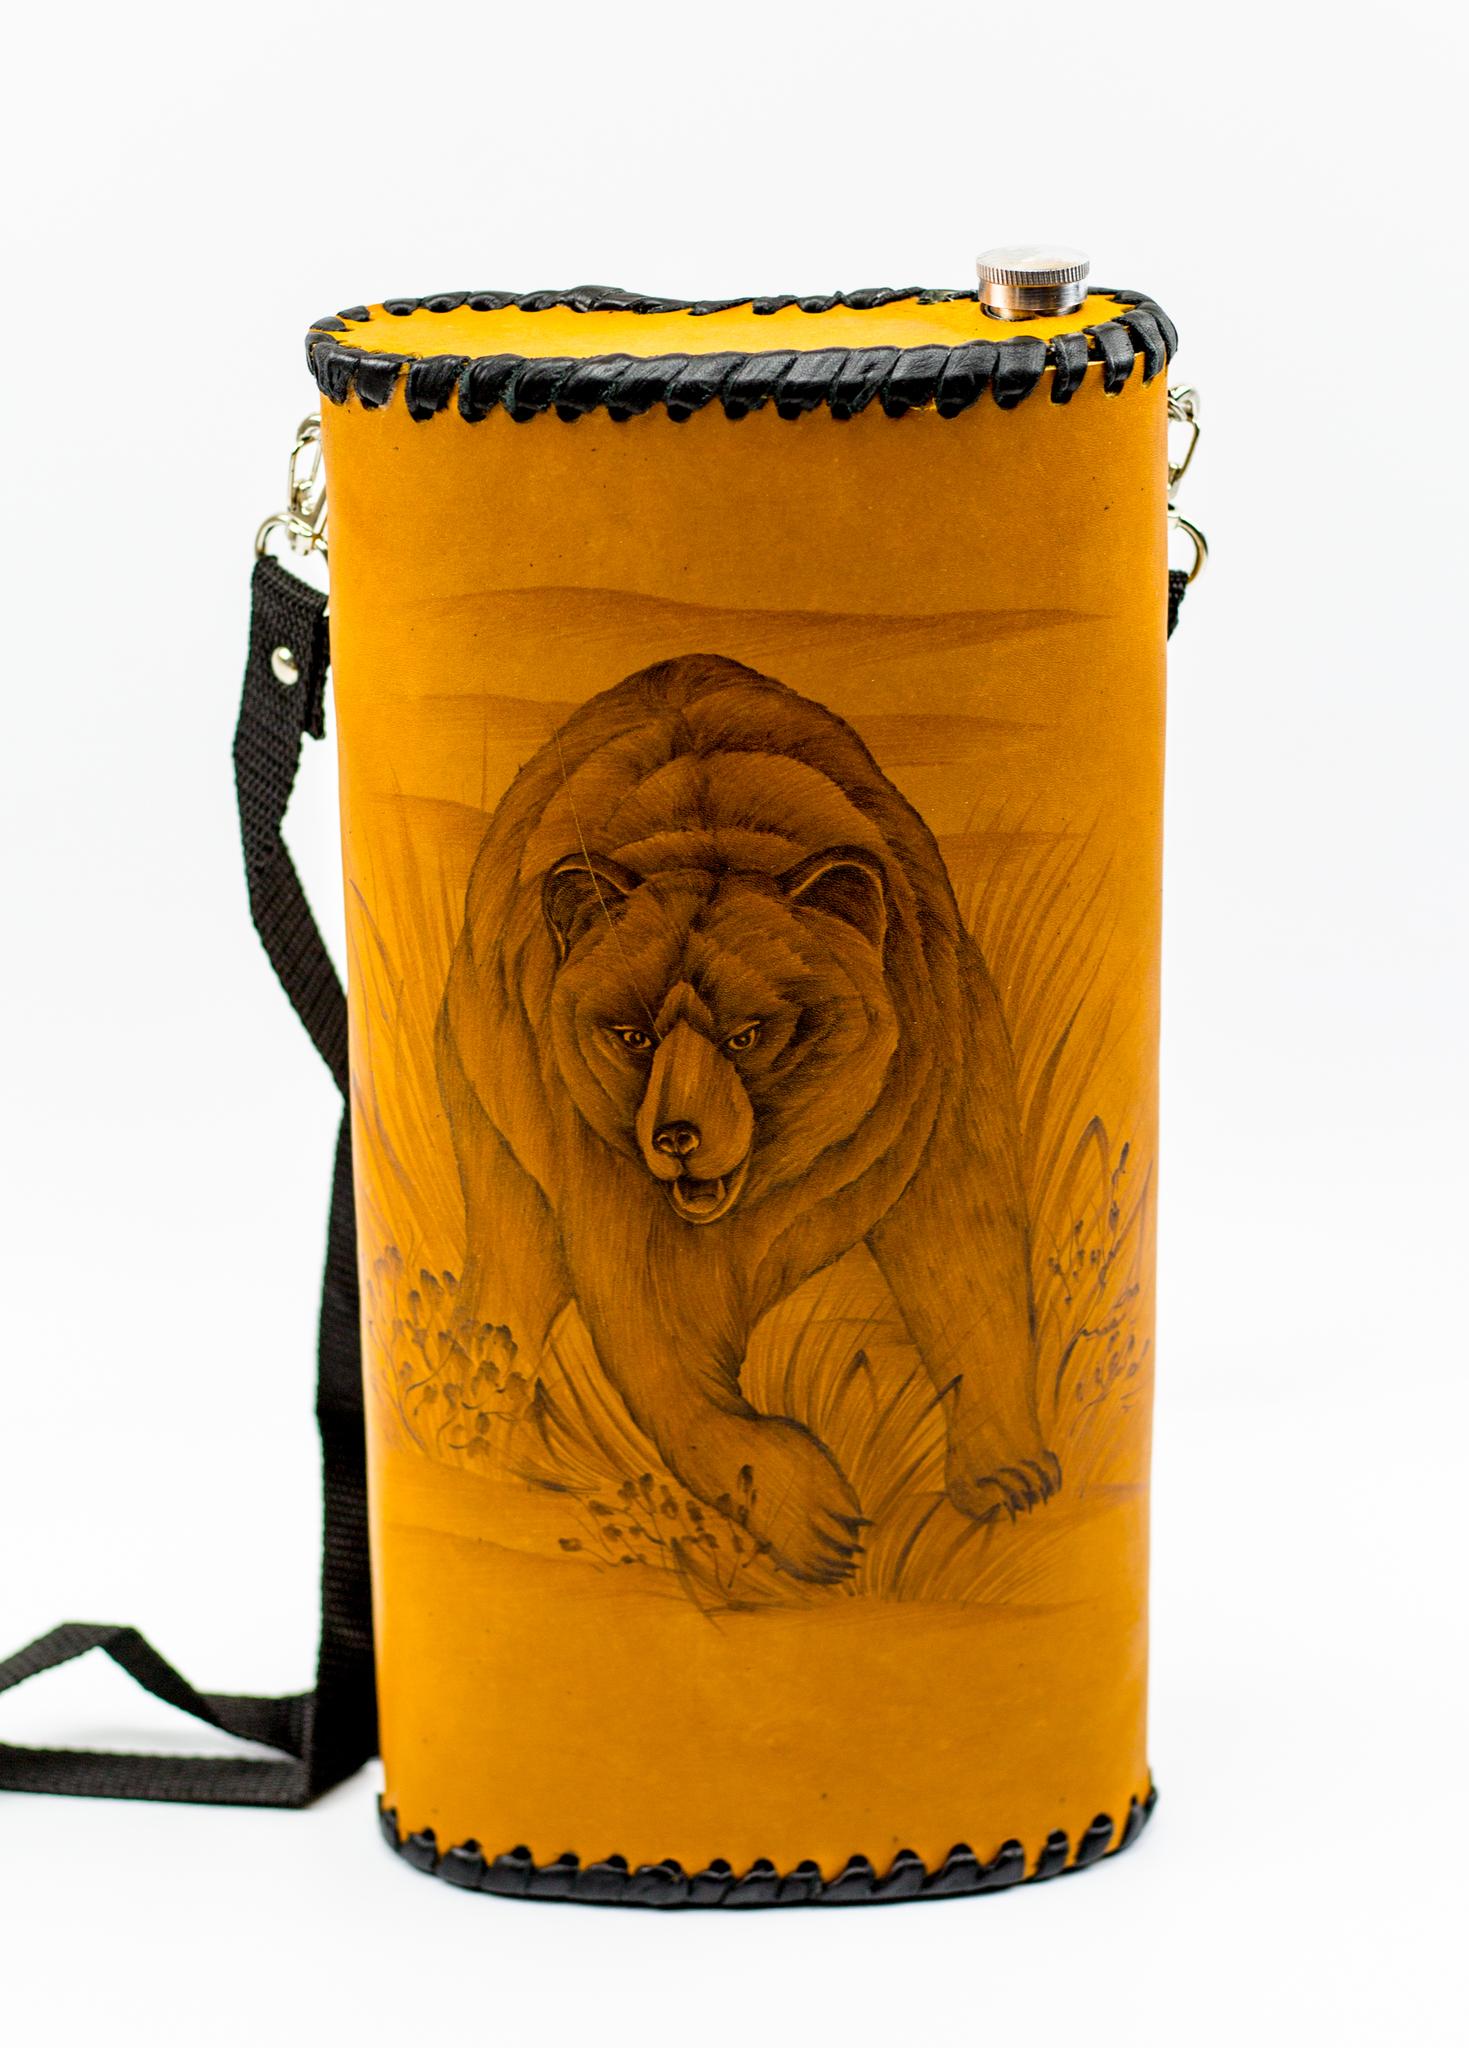 Фляга «Медведь», натуральная кожа с художественным выжиганием, 2 л фляга c оленем натуральная кожа 900 мл